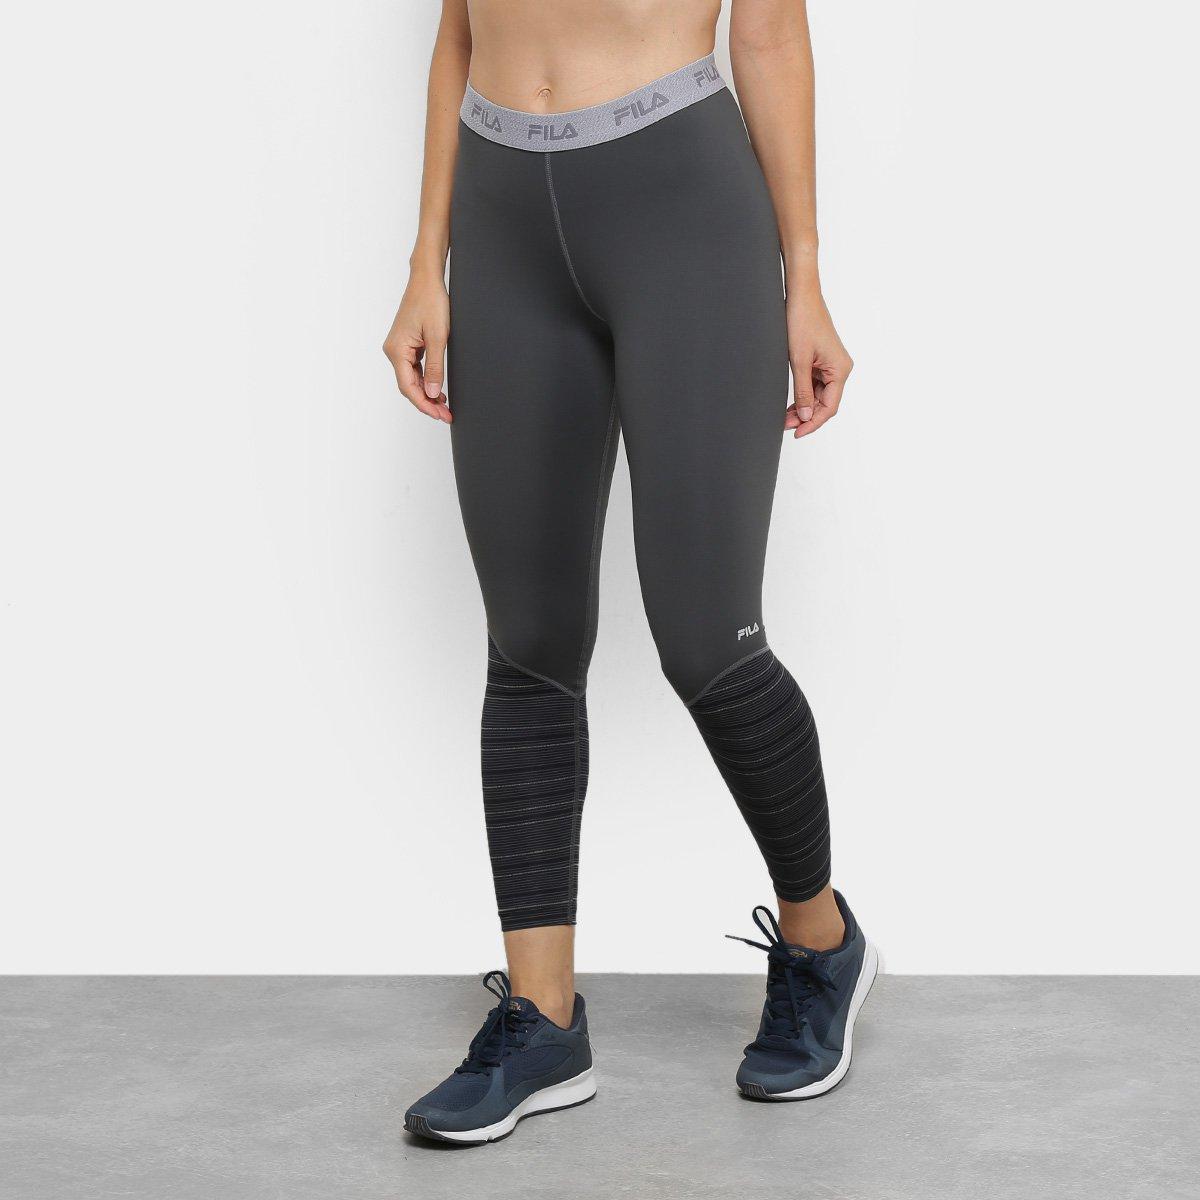 Calça Legging Fila Compressão Fit Stripes Feminina